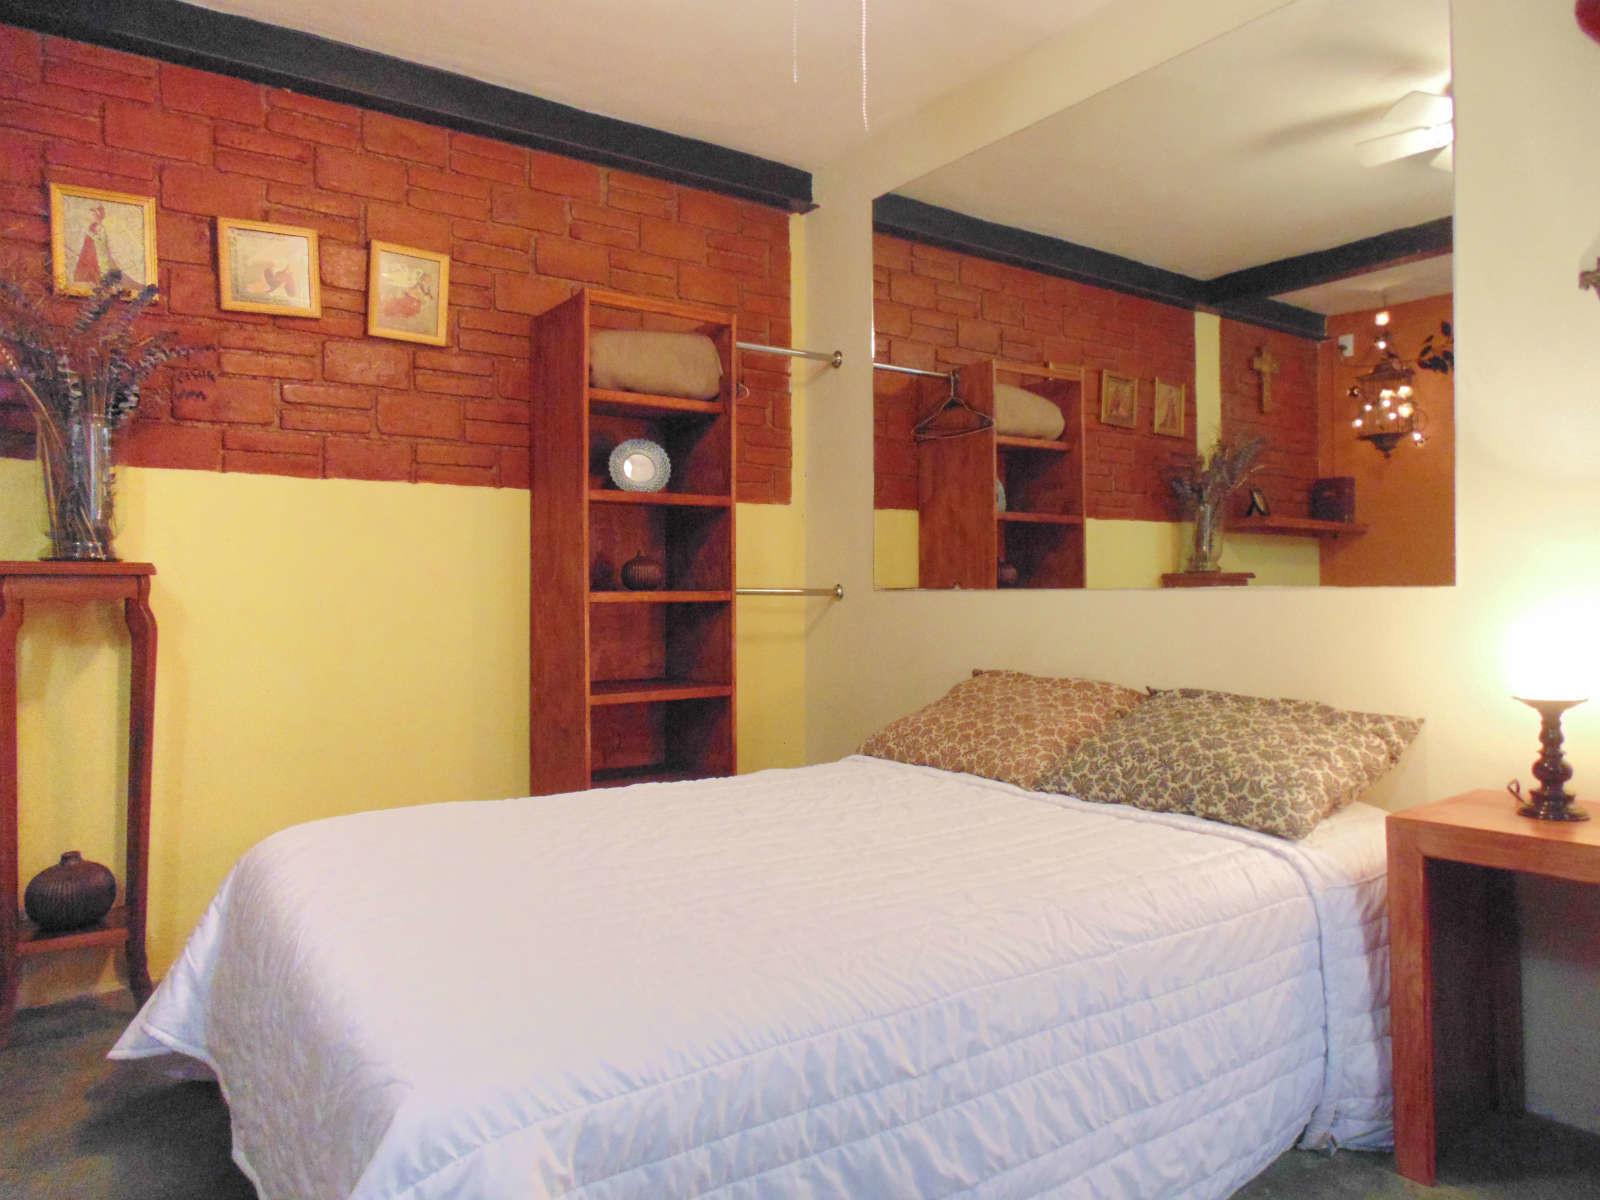 se renta cuarto para familia, pareja, solo, sola. con promoción 750 ...